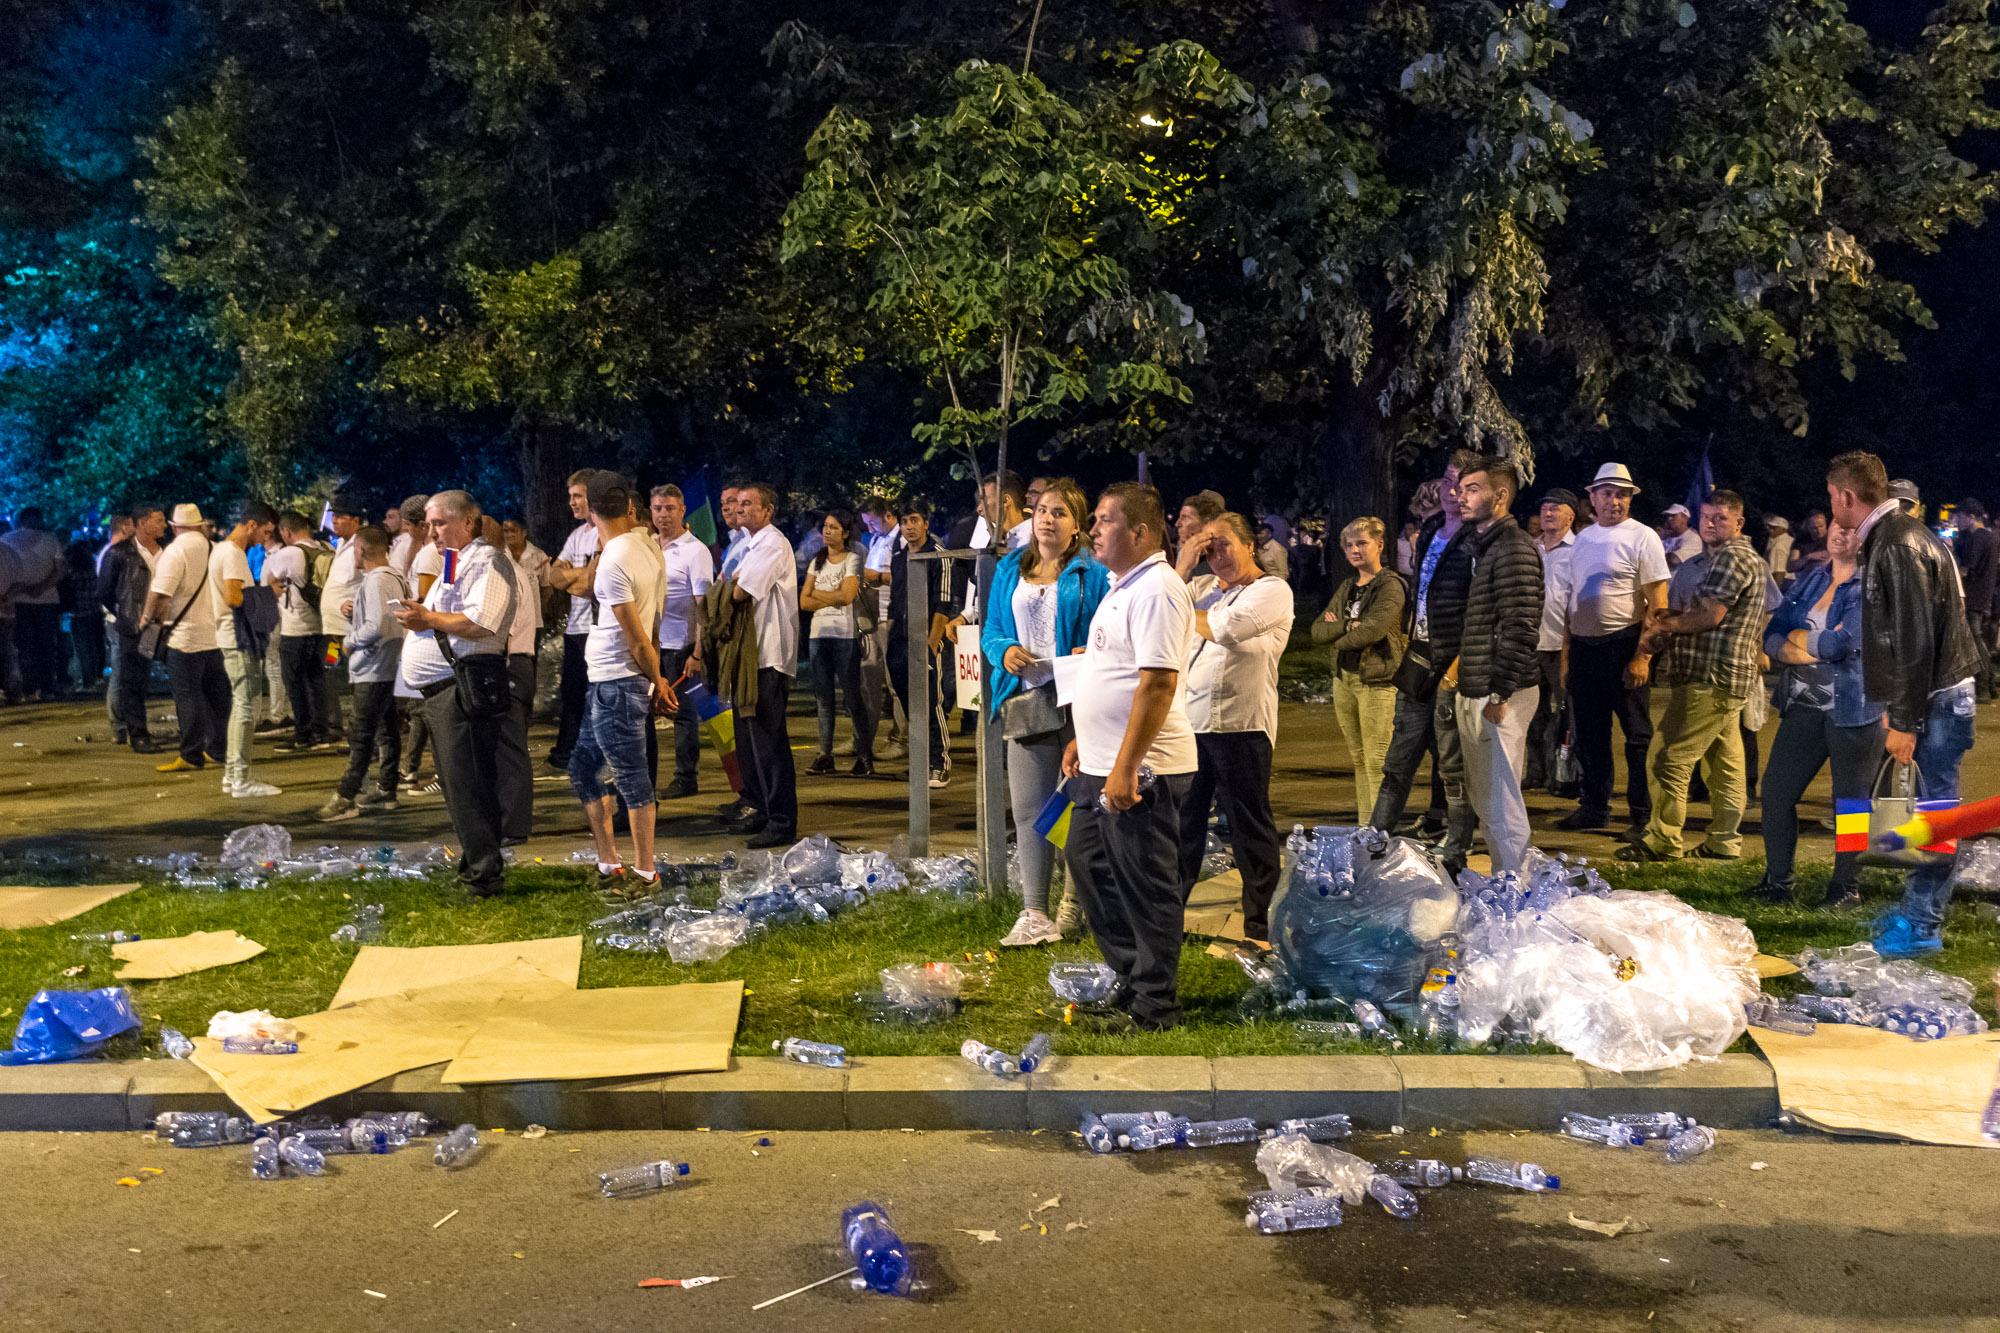 Dragnea - Cine va pierde de pe urma mitingului PSD-ALDE - Pagina 2 1528628111793-Miting-PSD-mizeria-din-urma-9